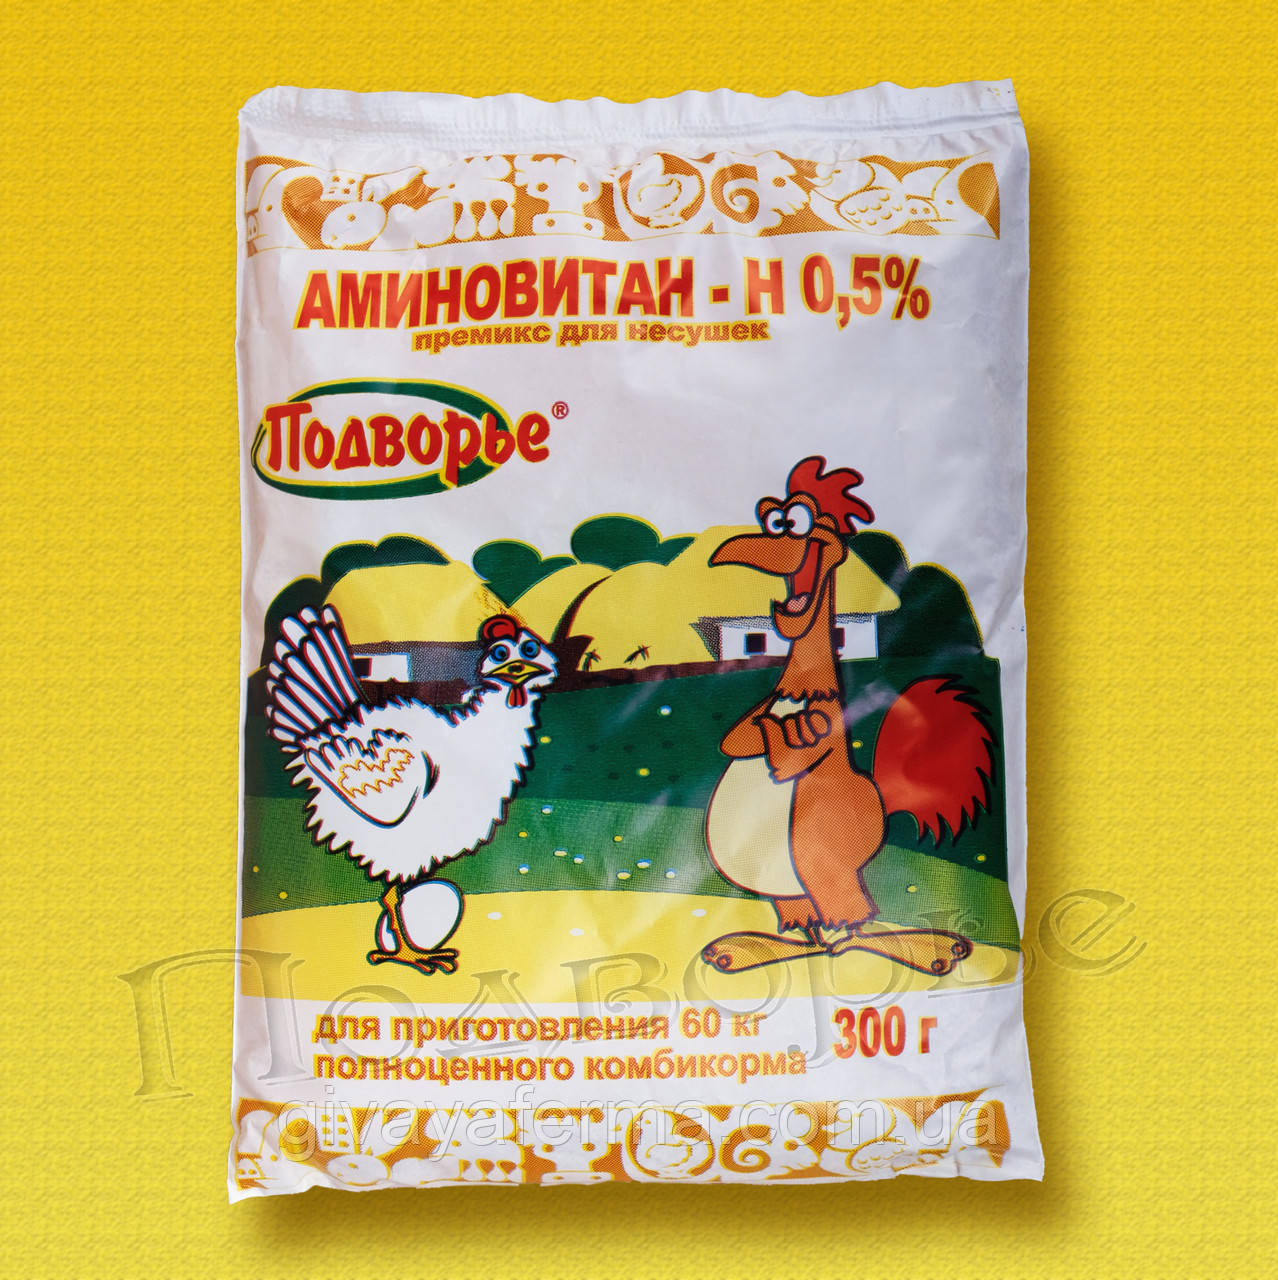 Премикс Аминовитан Нст несушка 0,5%, 25 кг, витаминно-минеральная добавка